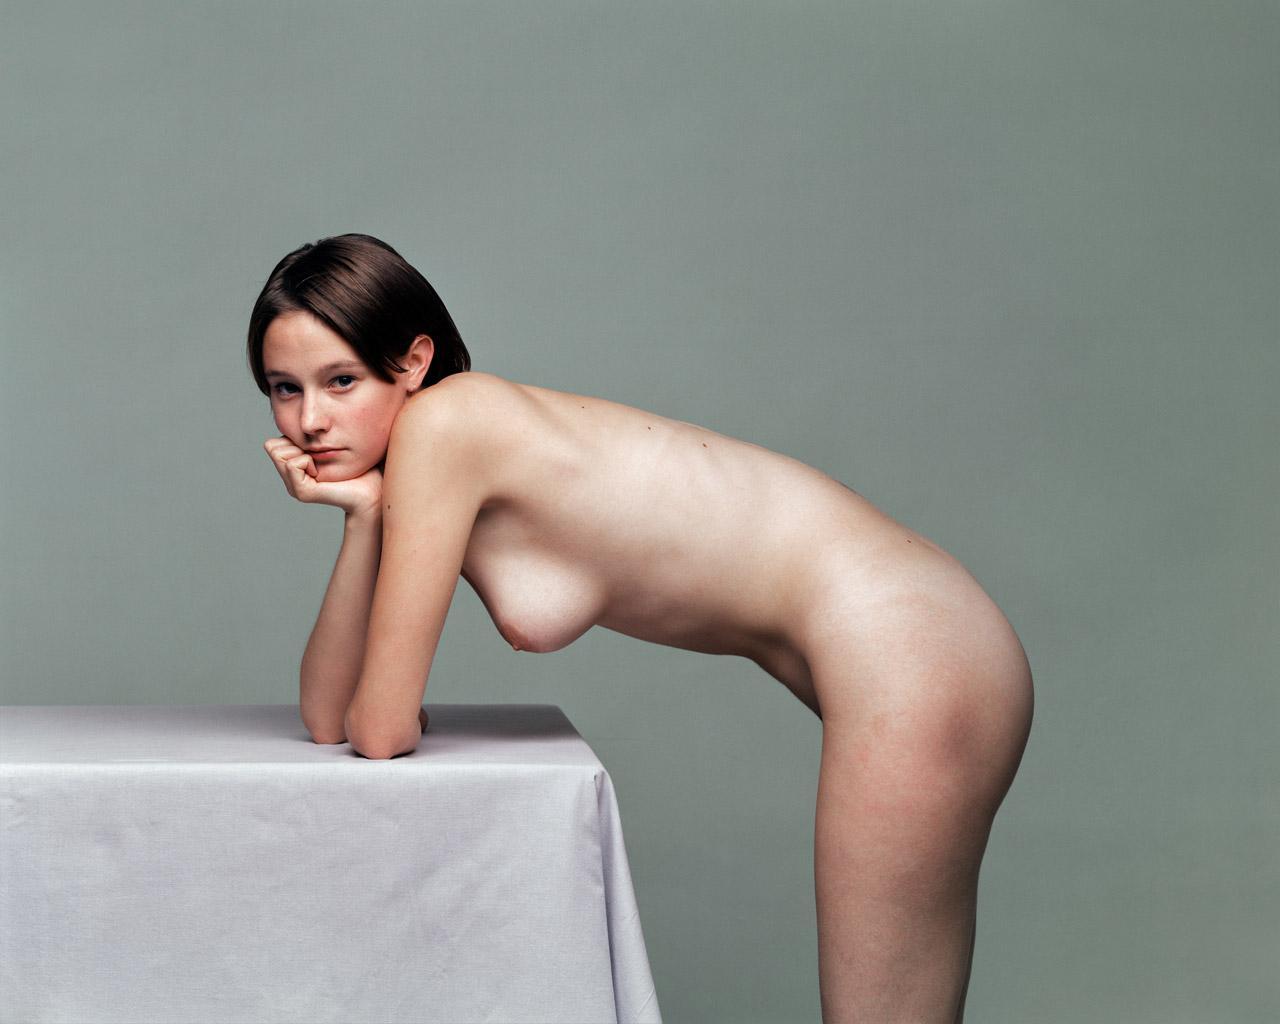 nude medicals